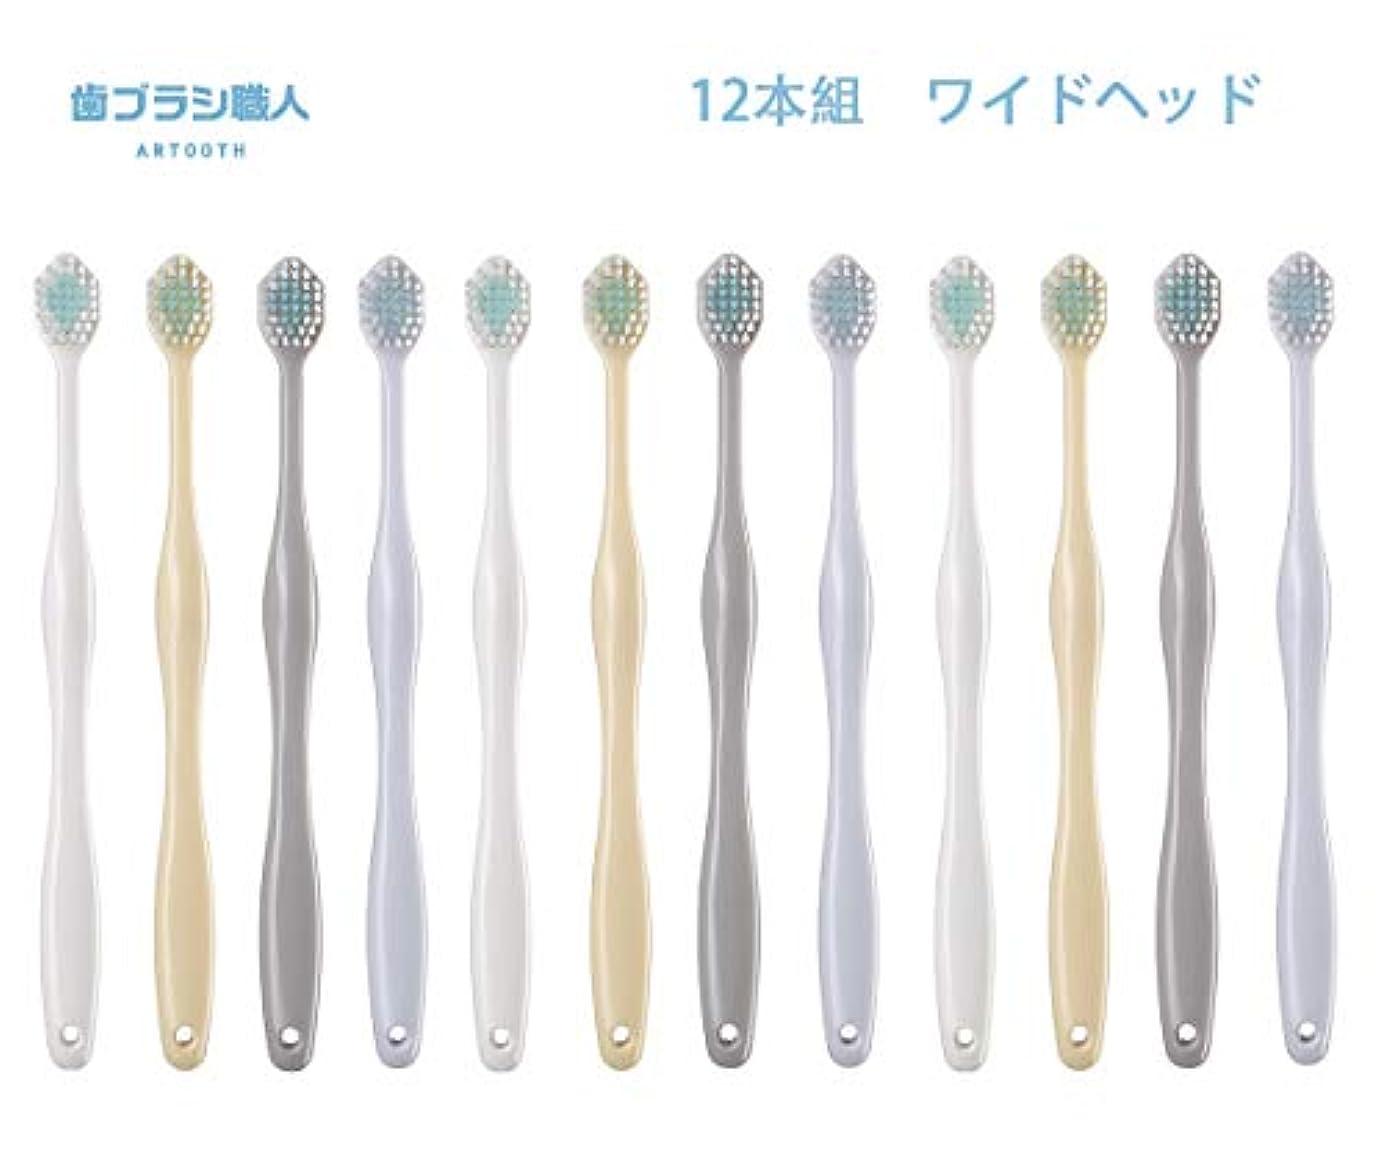 爪サーバント愛する歯ブラシ職人Artooth ® 田辺重吉 磨きやすい歯ブラシ ワイド 6列レギュラー AT-30 (12本組)